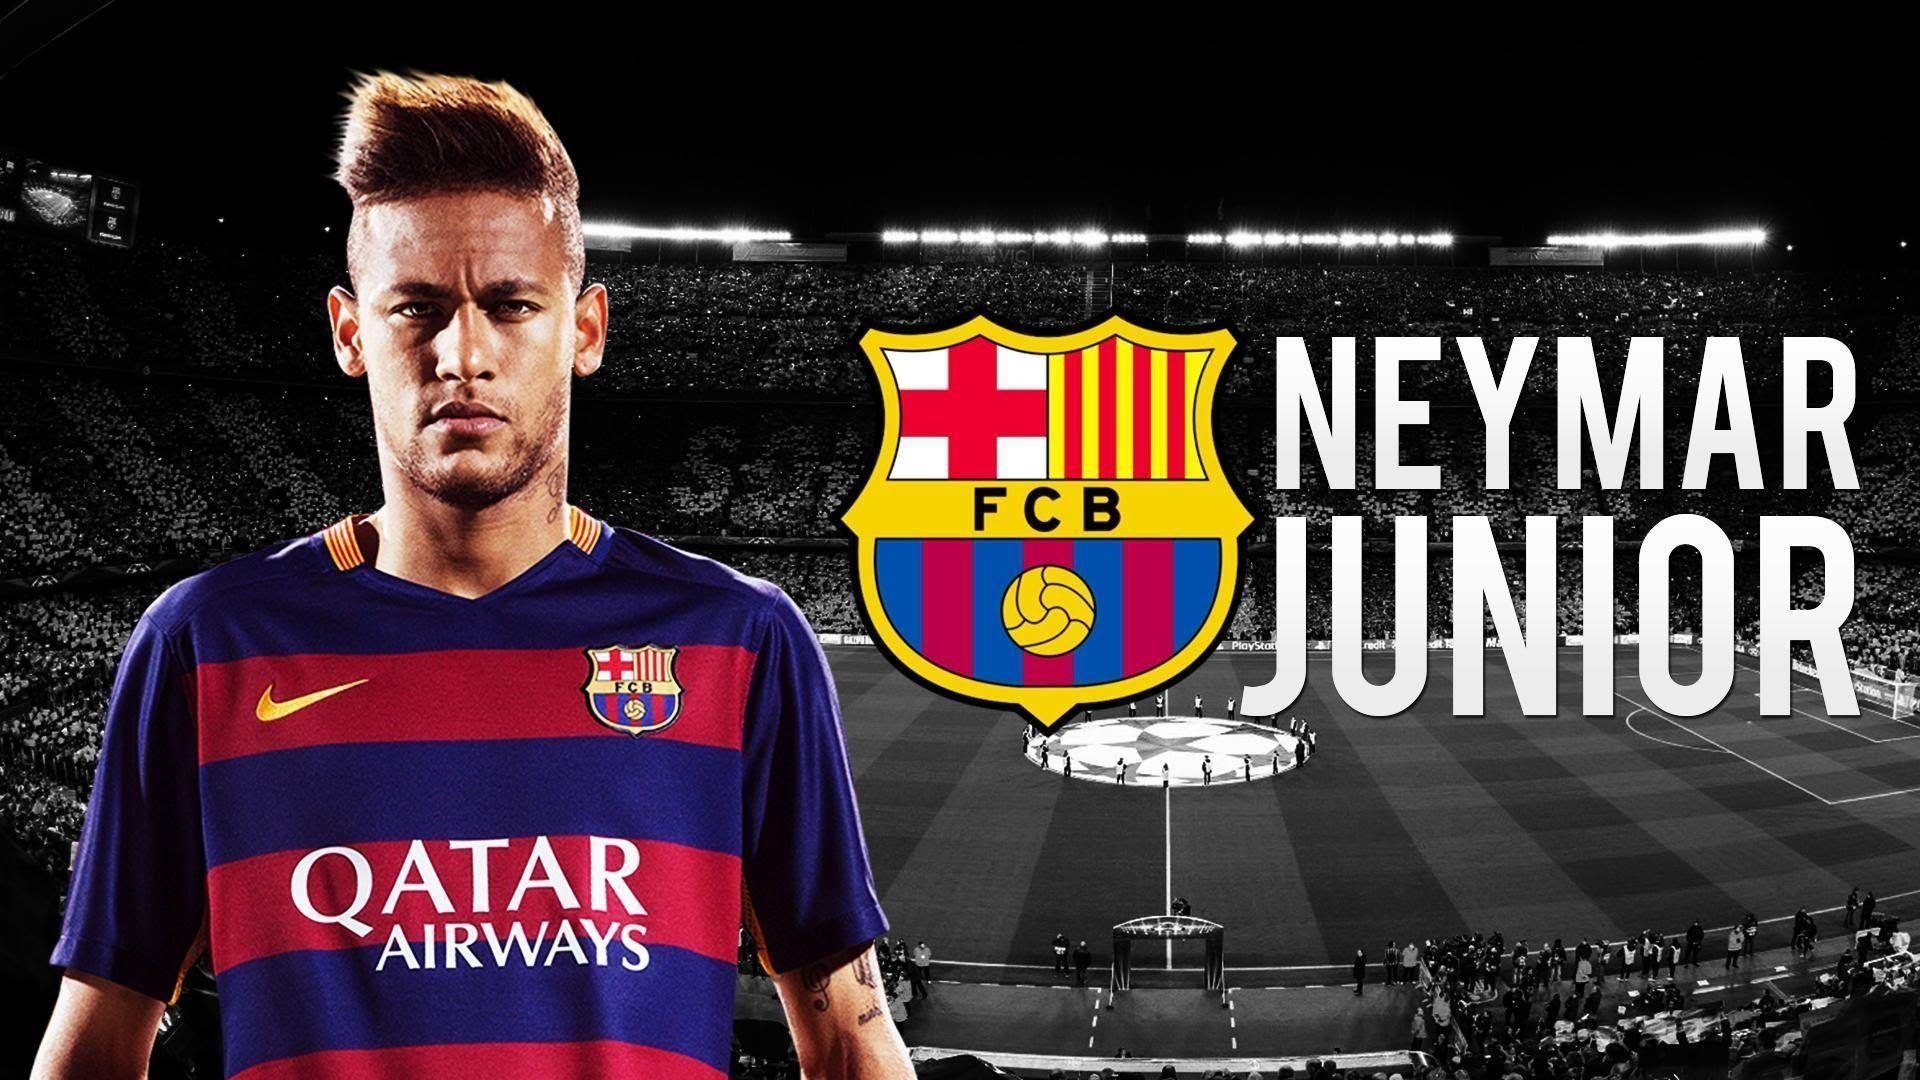 Neymar Jr Wallpaper 2018 HD 1